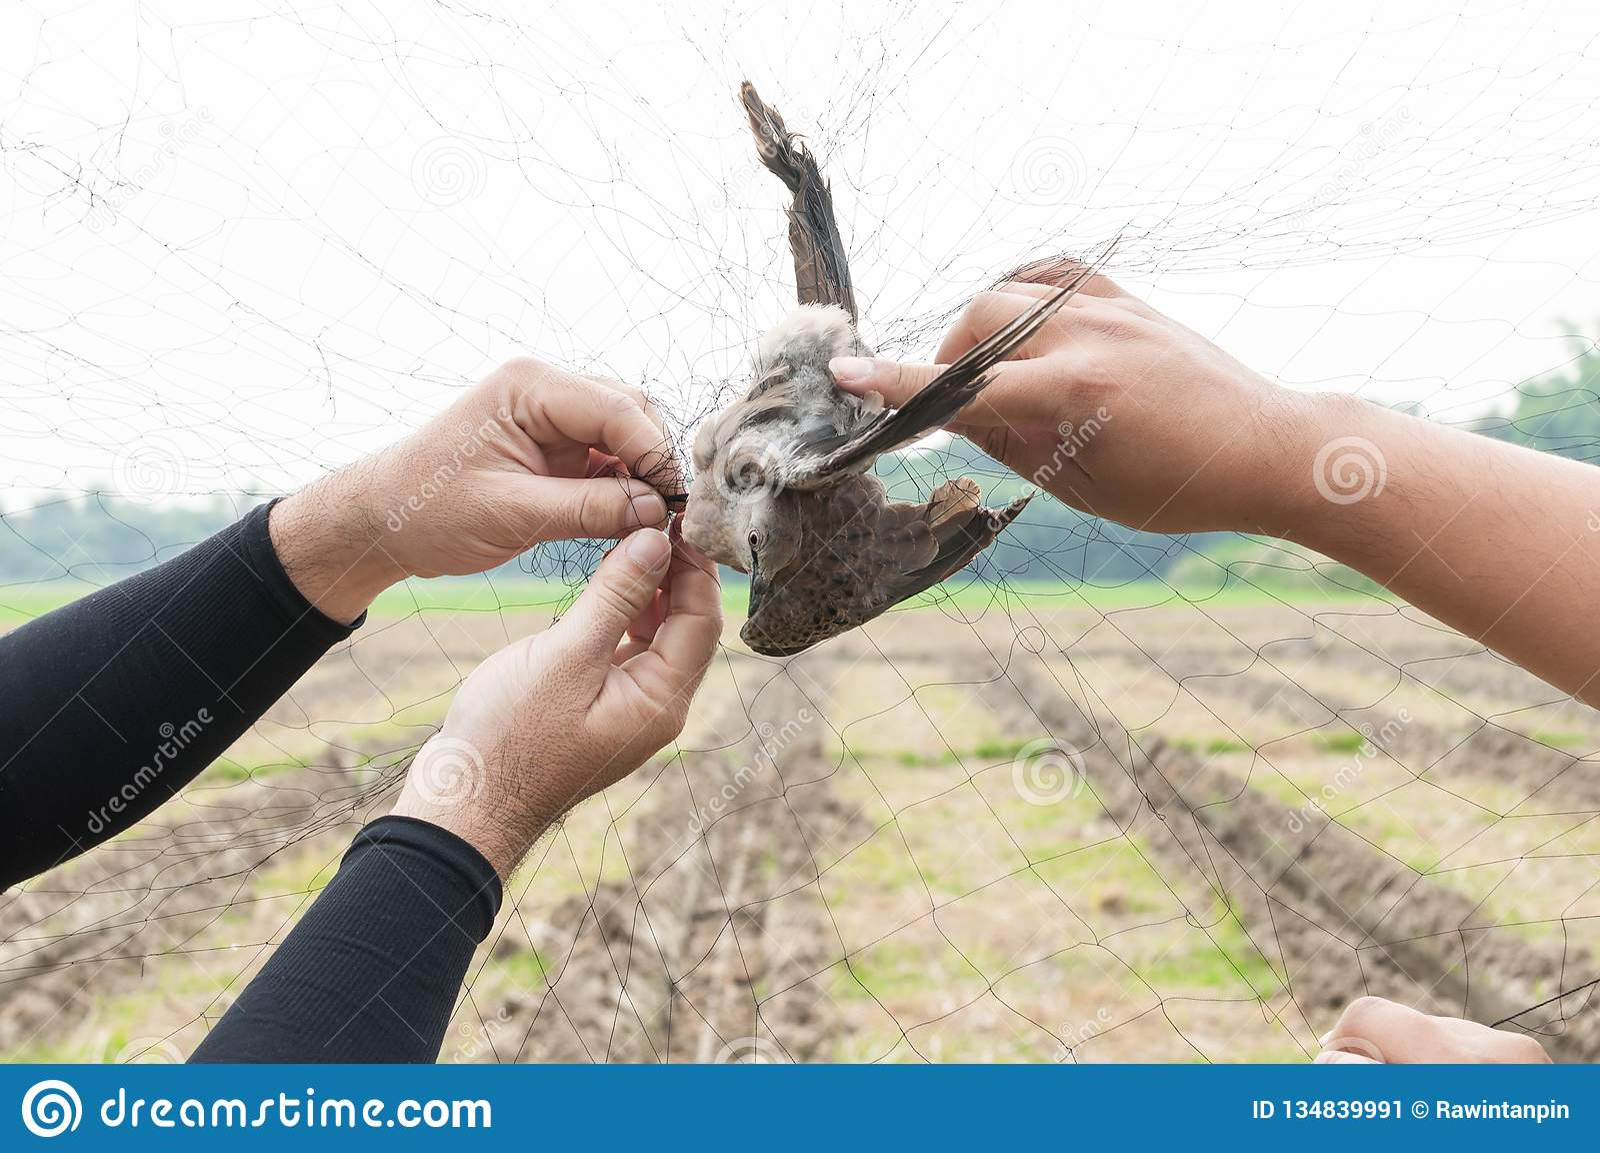 Fågeln fångades av trädgårdsmästarehanden som var hållande på ett ingrepp på vit bakgrund